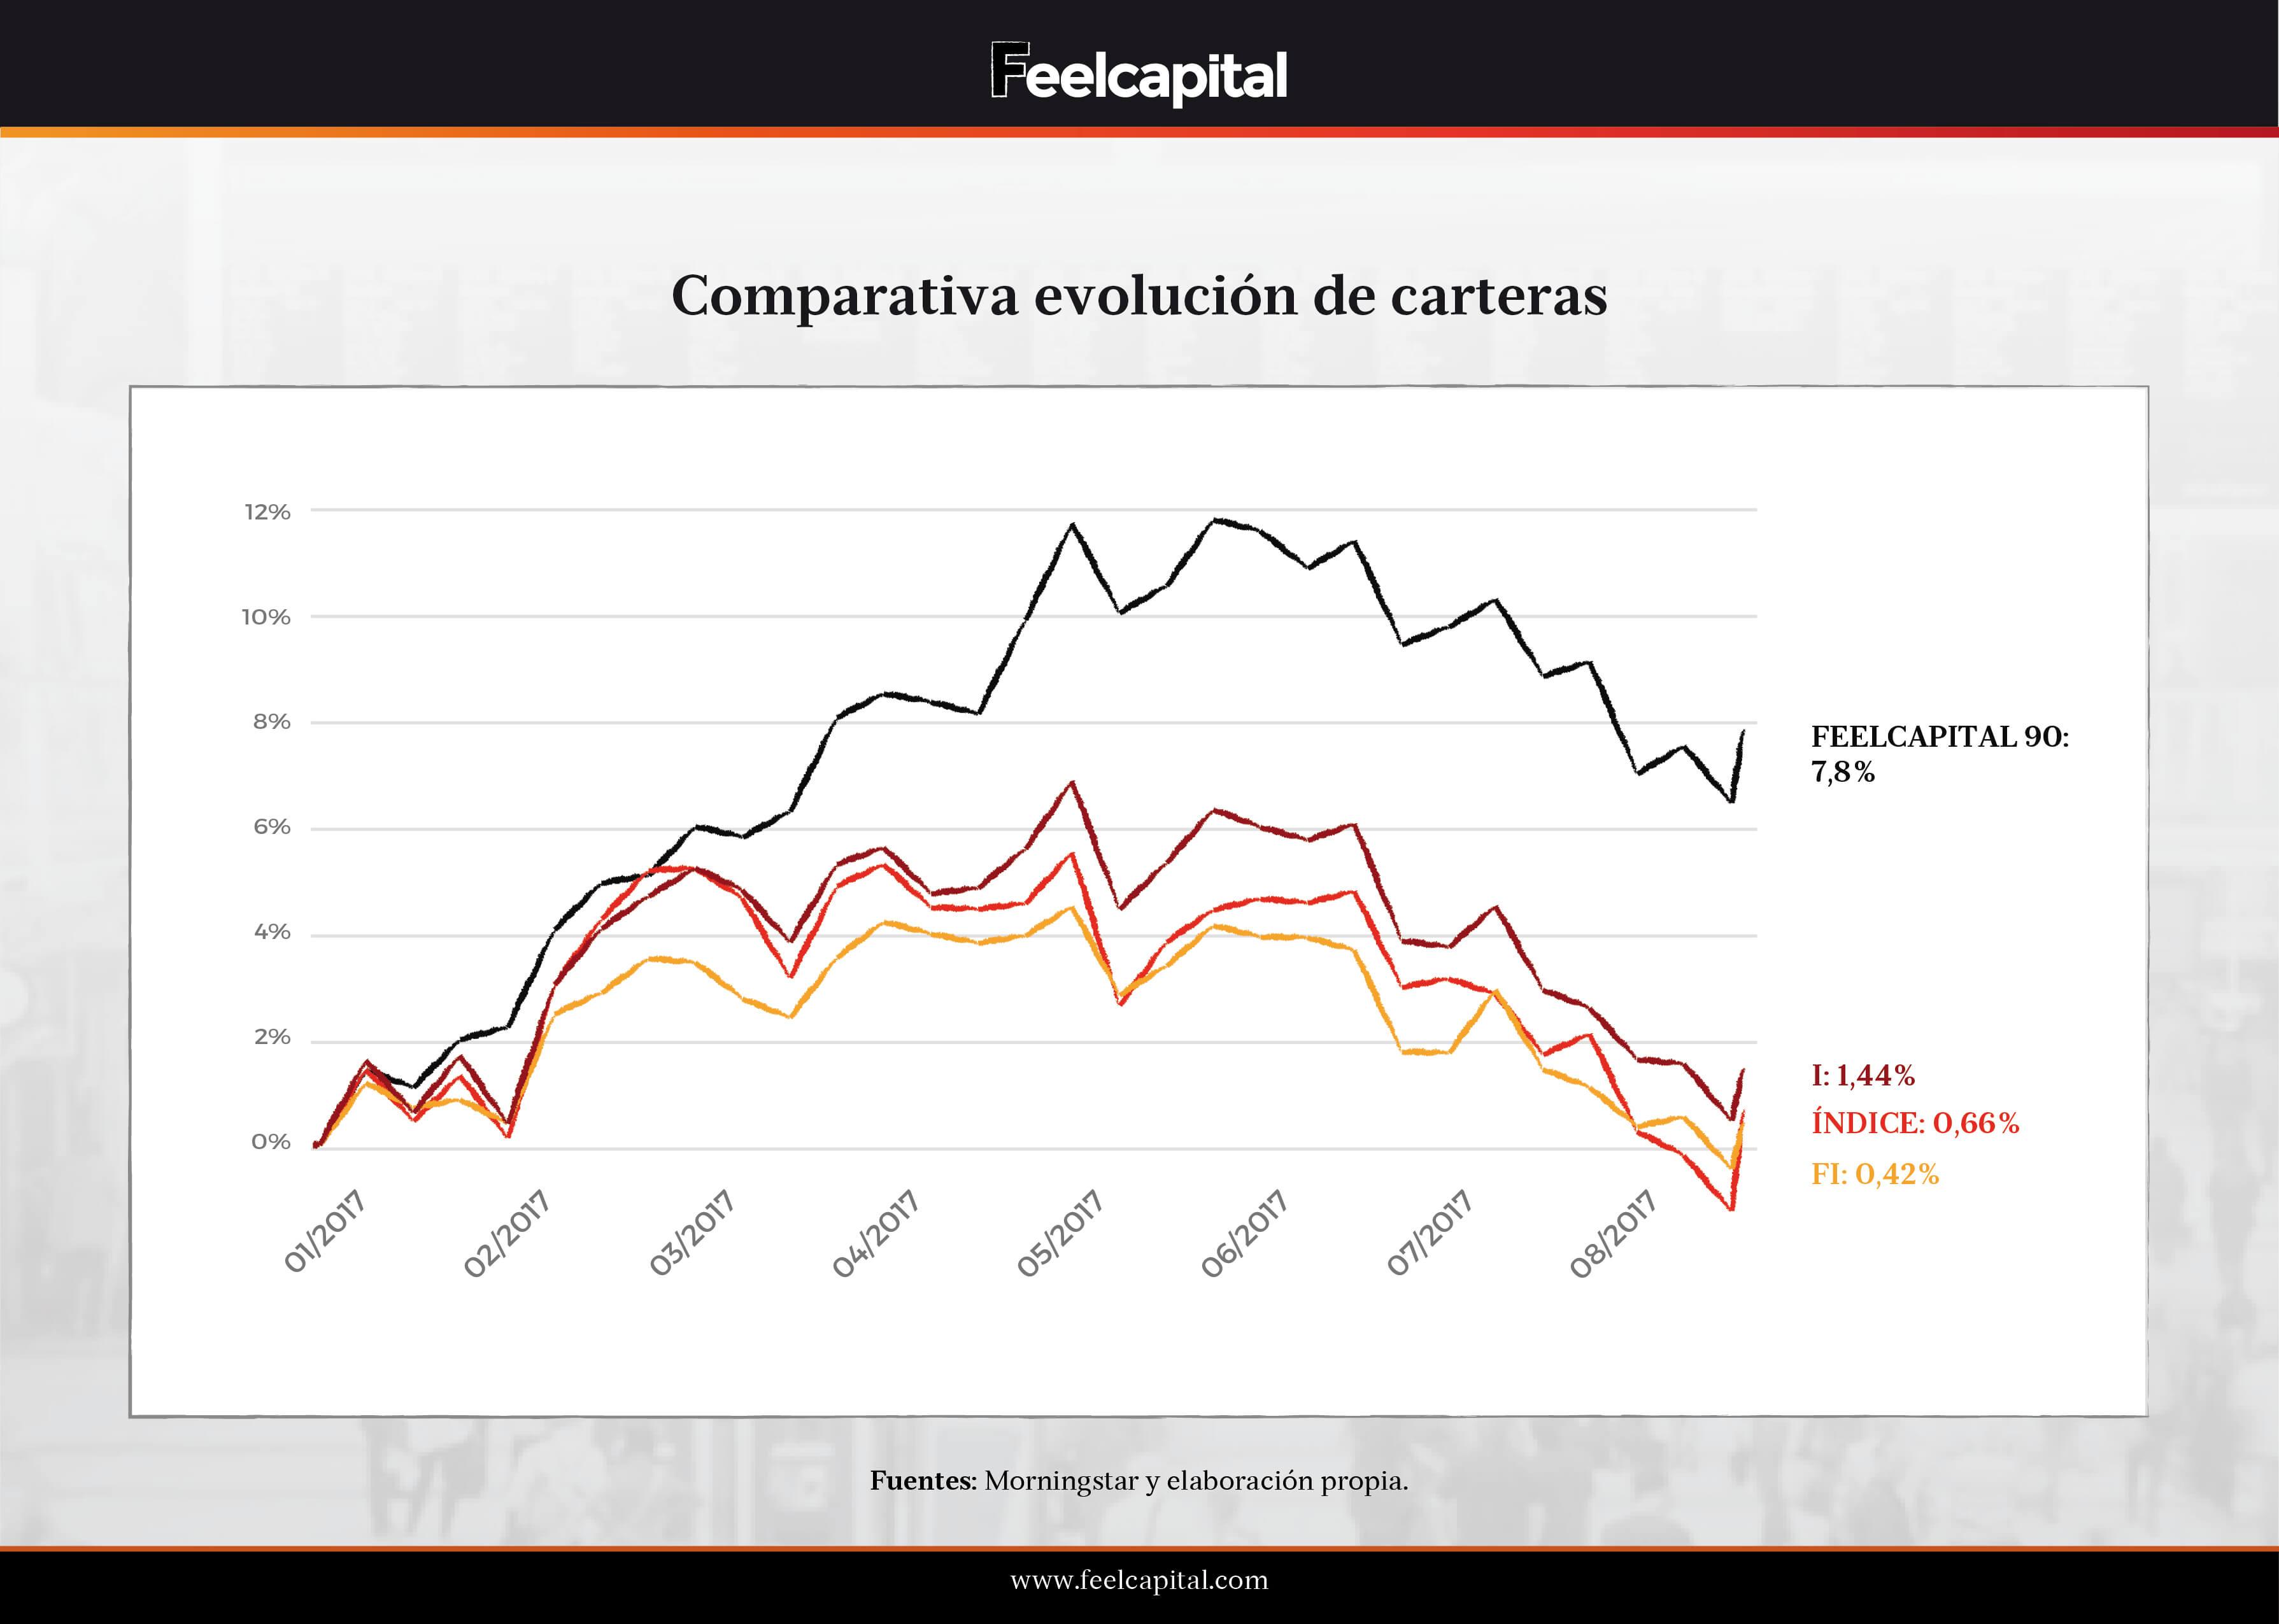 Comparativa evolución de carteras de fondos de robo advisor españoles